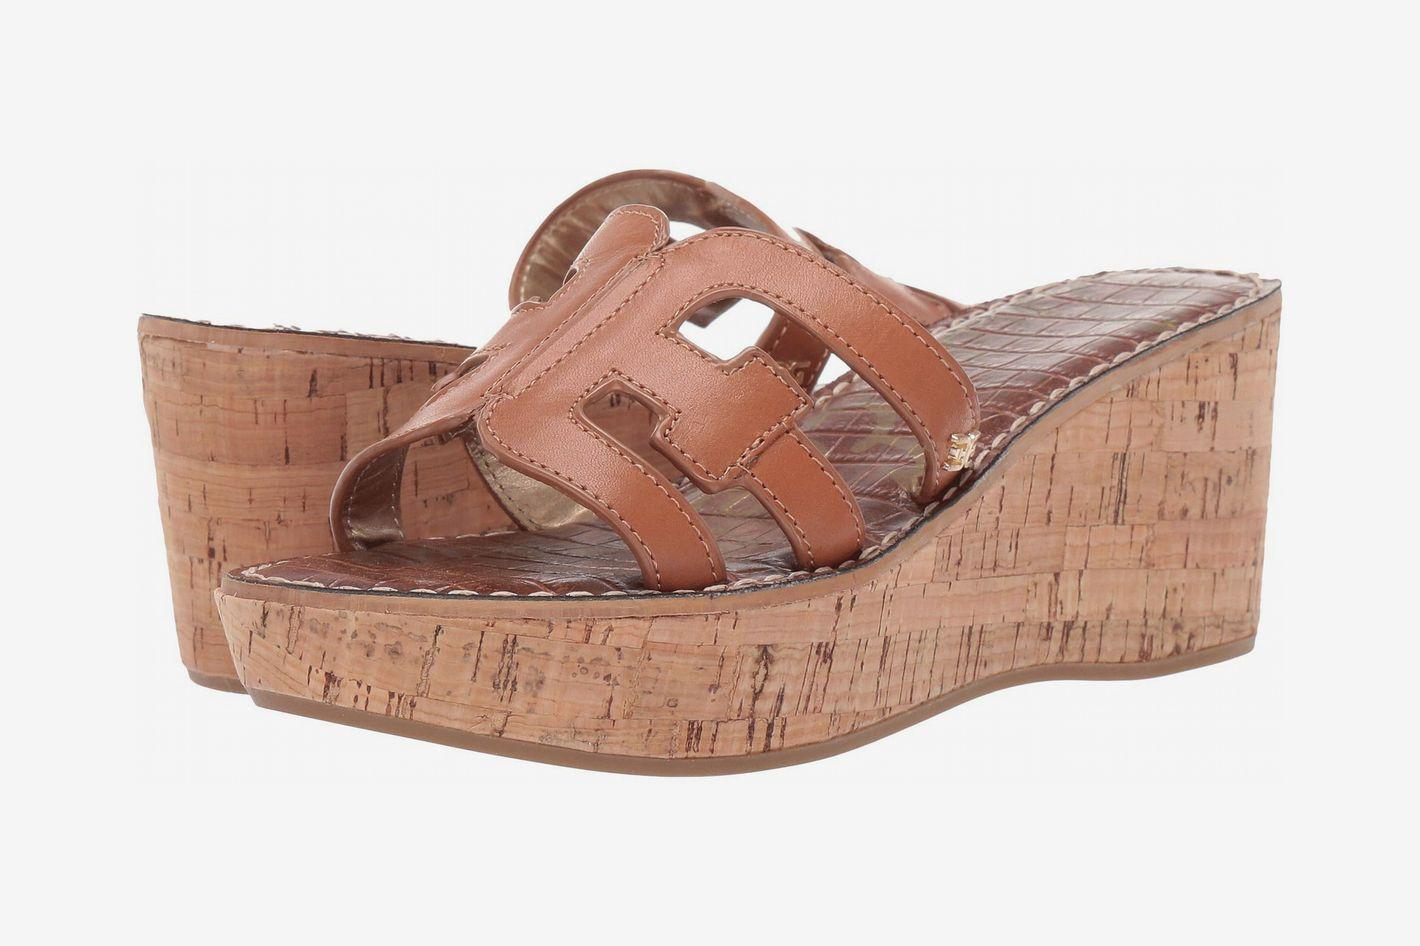 Sam Edelman Regis Sandals